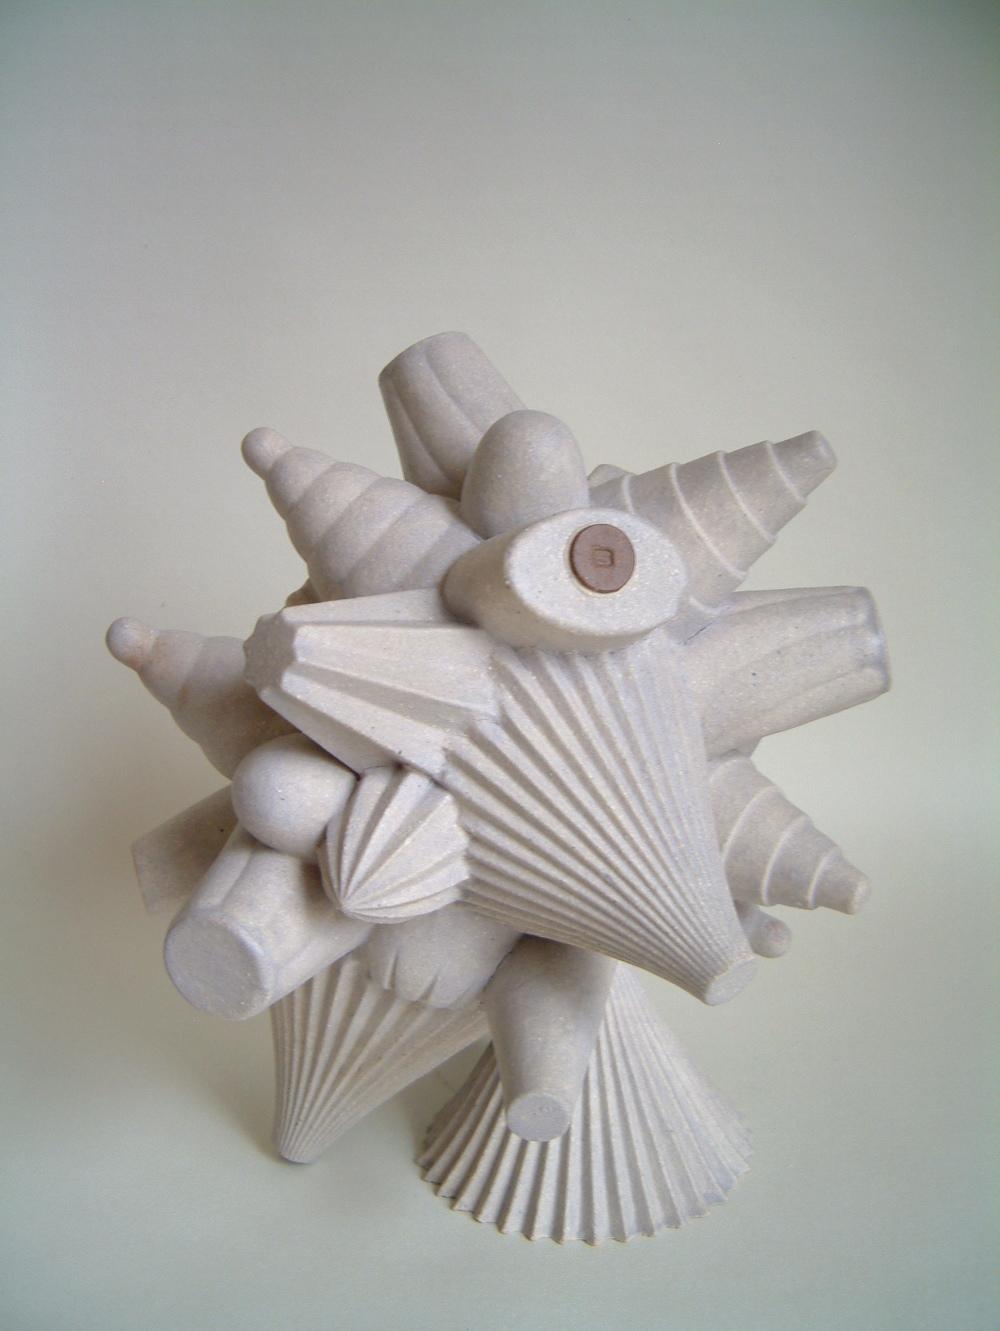 conesculpture01.JPG